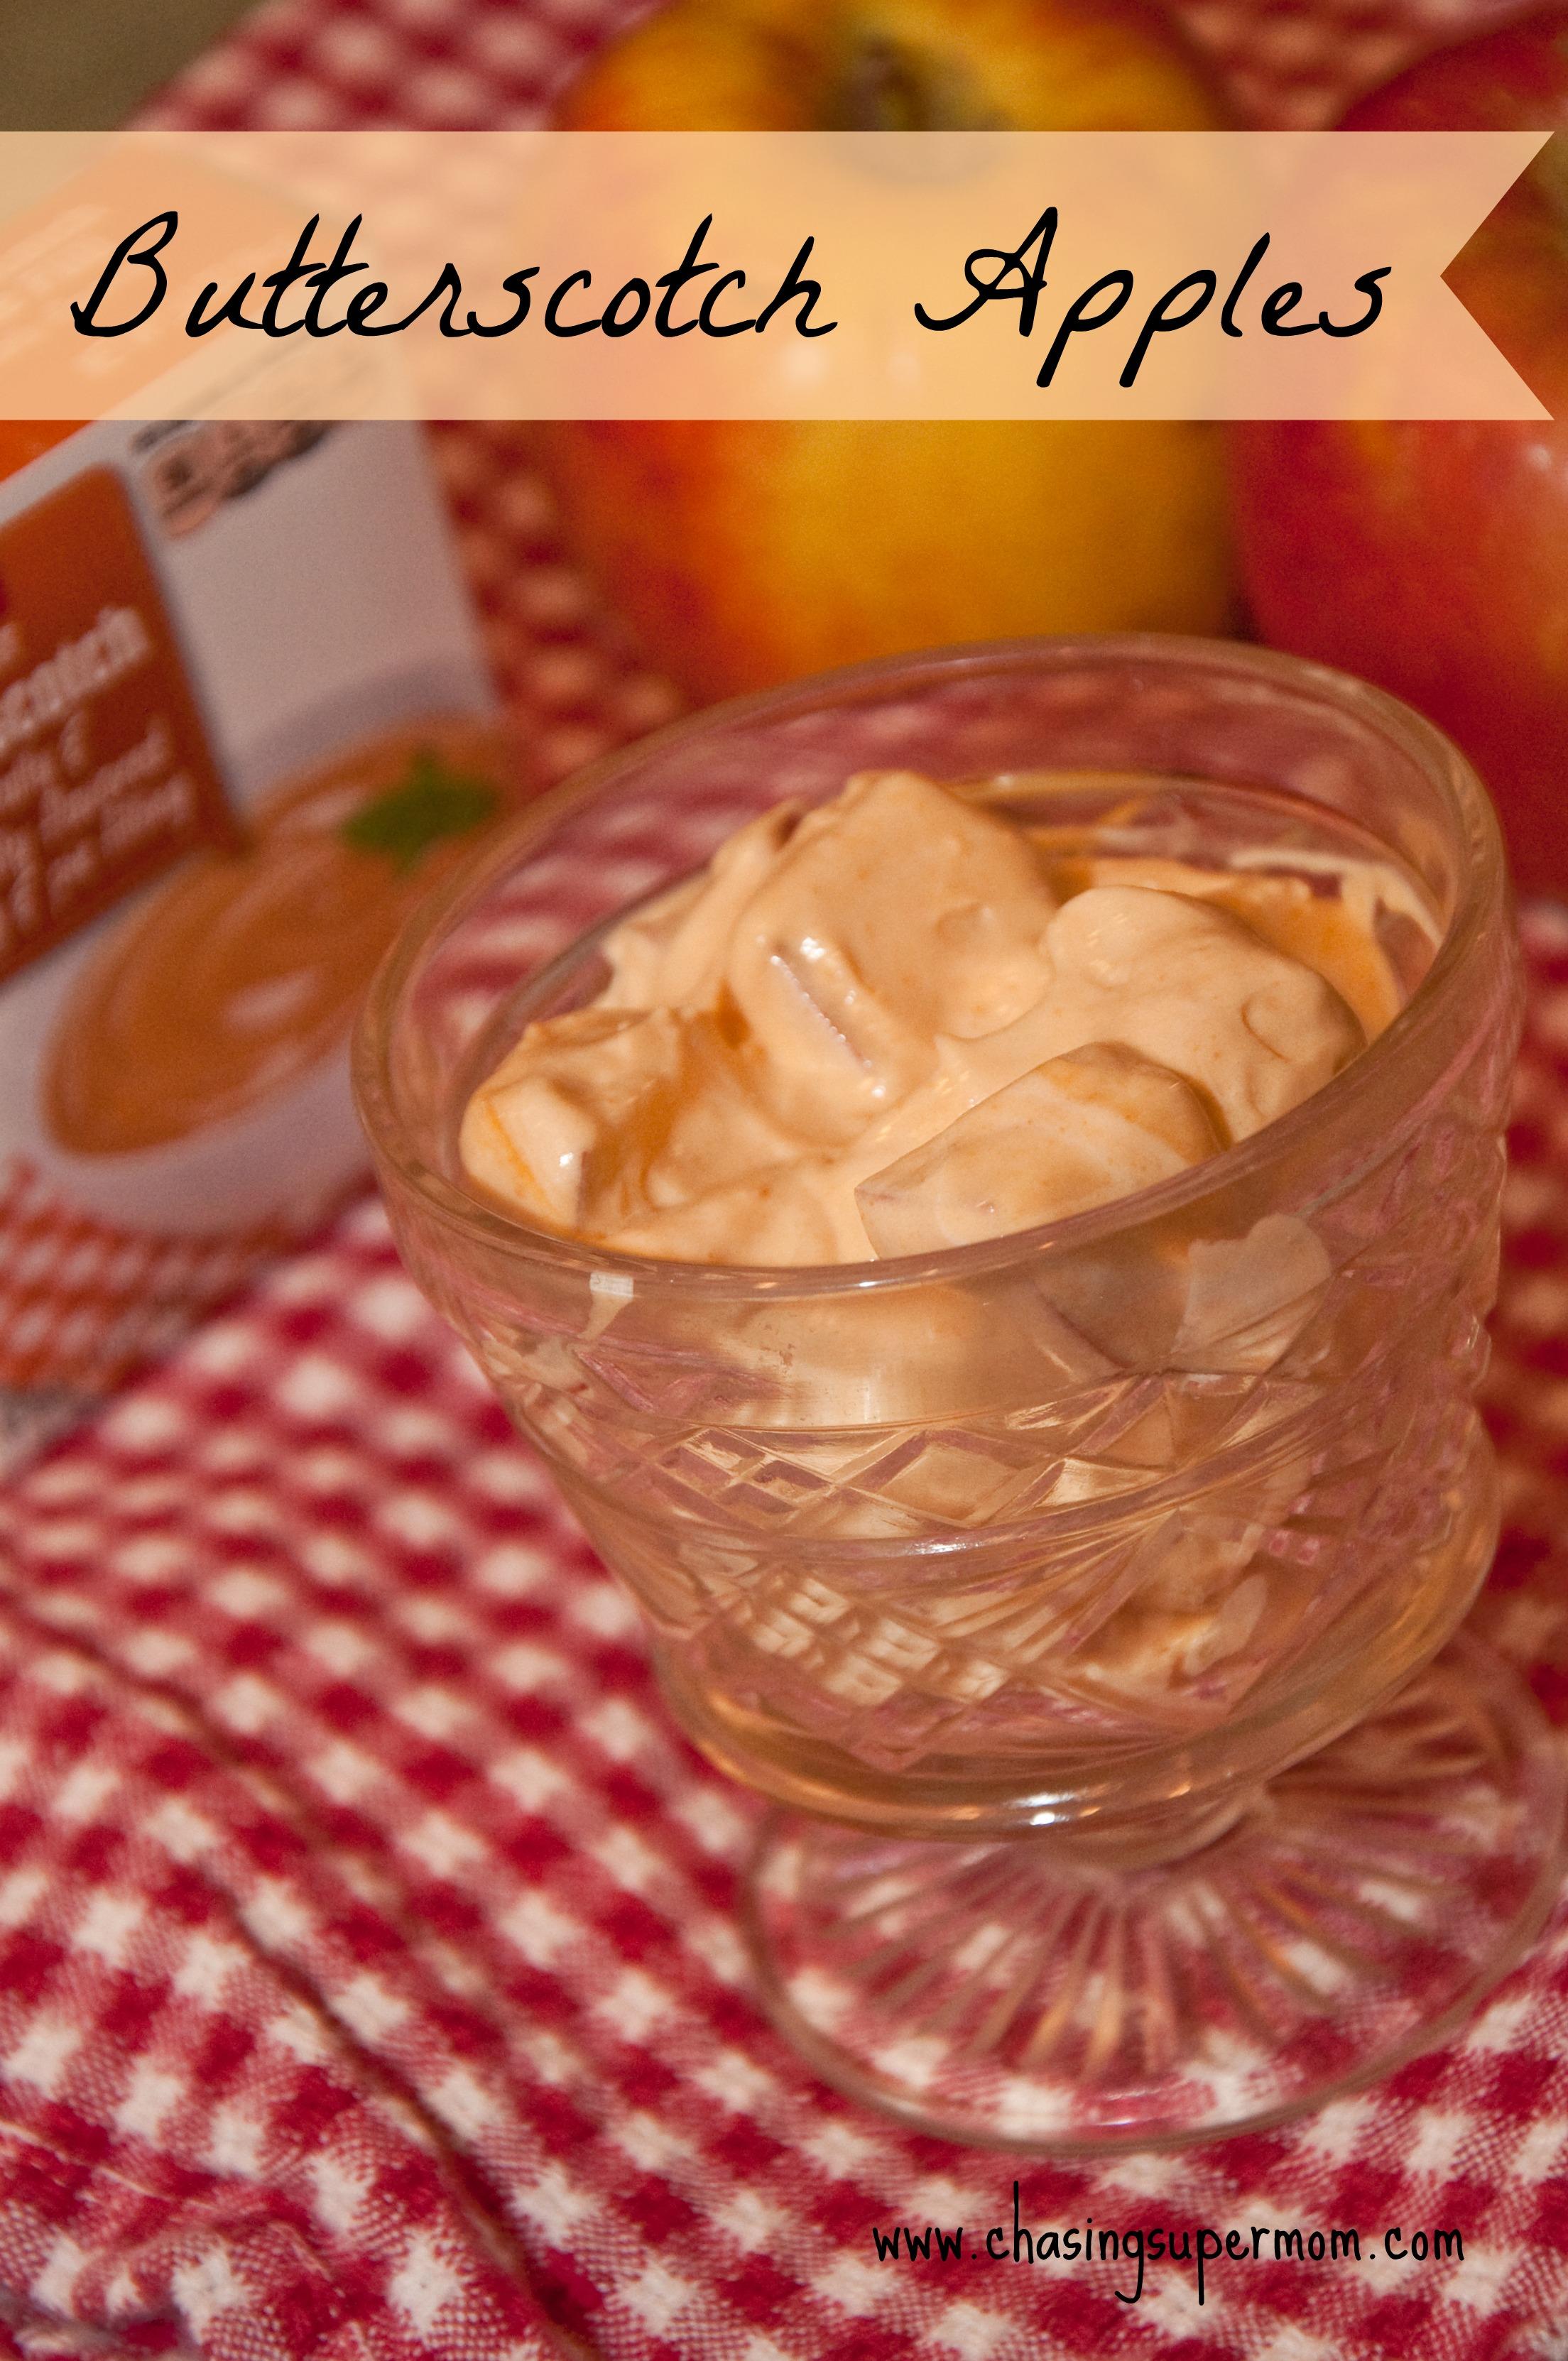 Butterscotch Apples